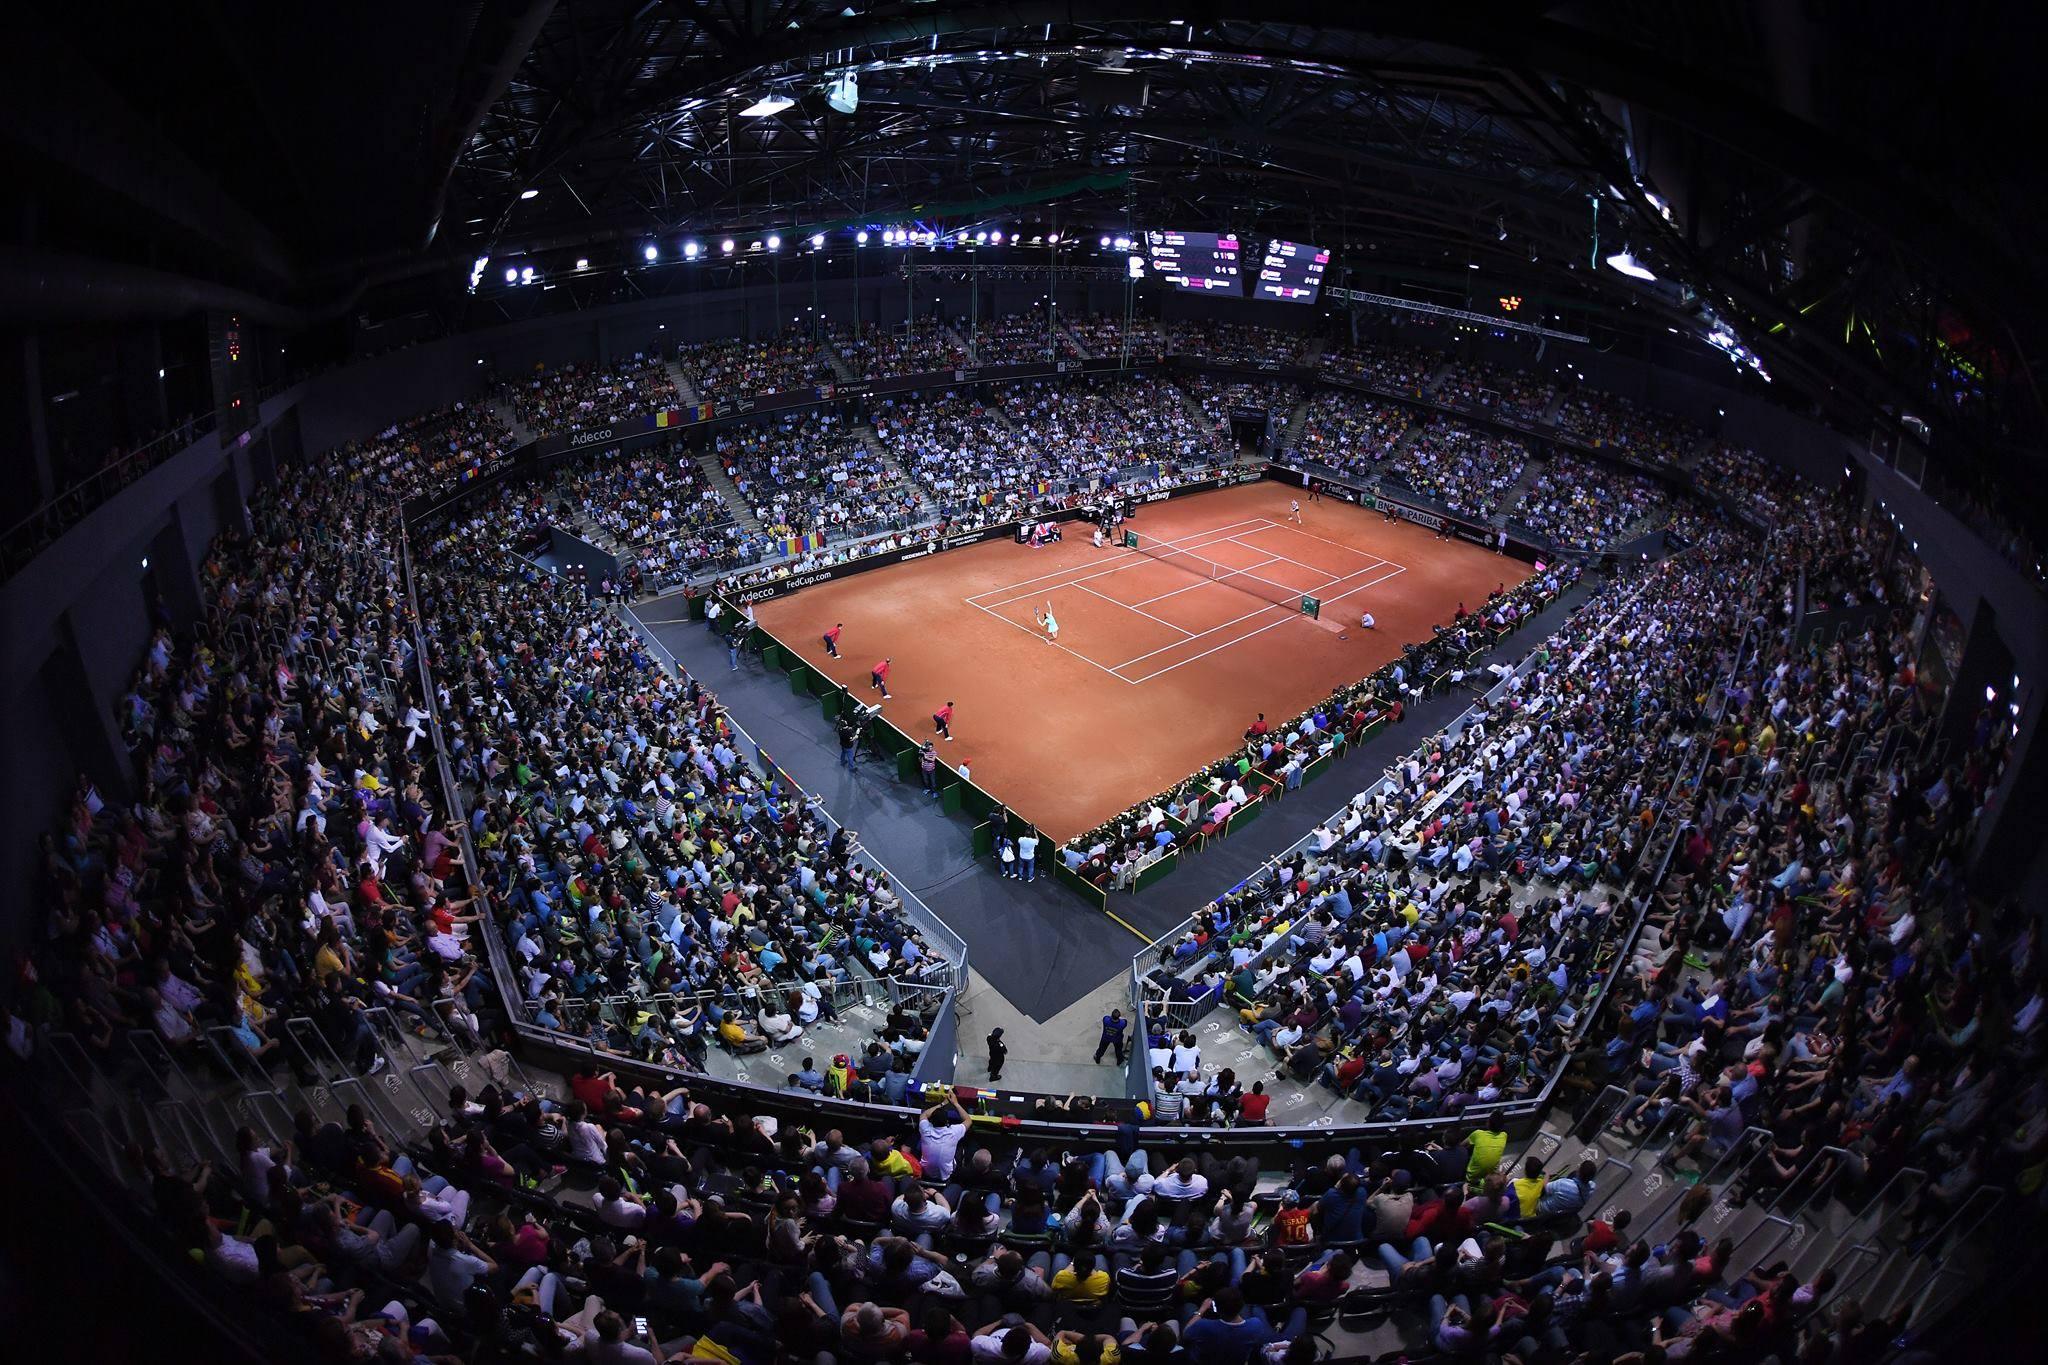 S-au pus în vânzare biletele pentru meciul de Fed Cup dintre România şi Elveţia, de la Sala Polivalentă Cluj!